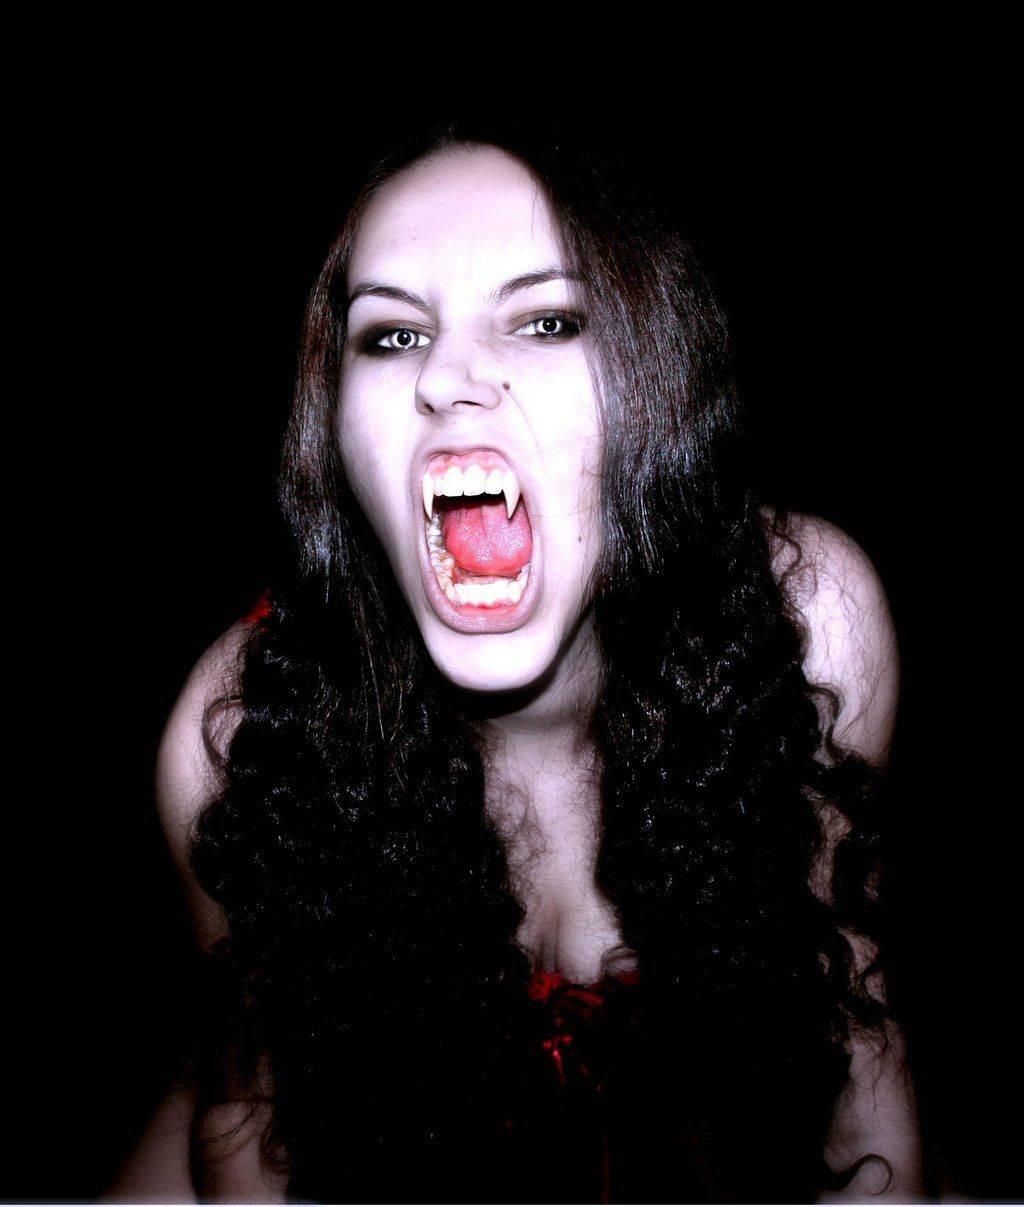 Существуют ли вампиры и как от них защититься